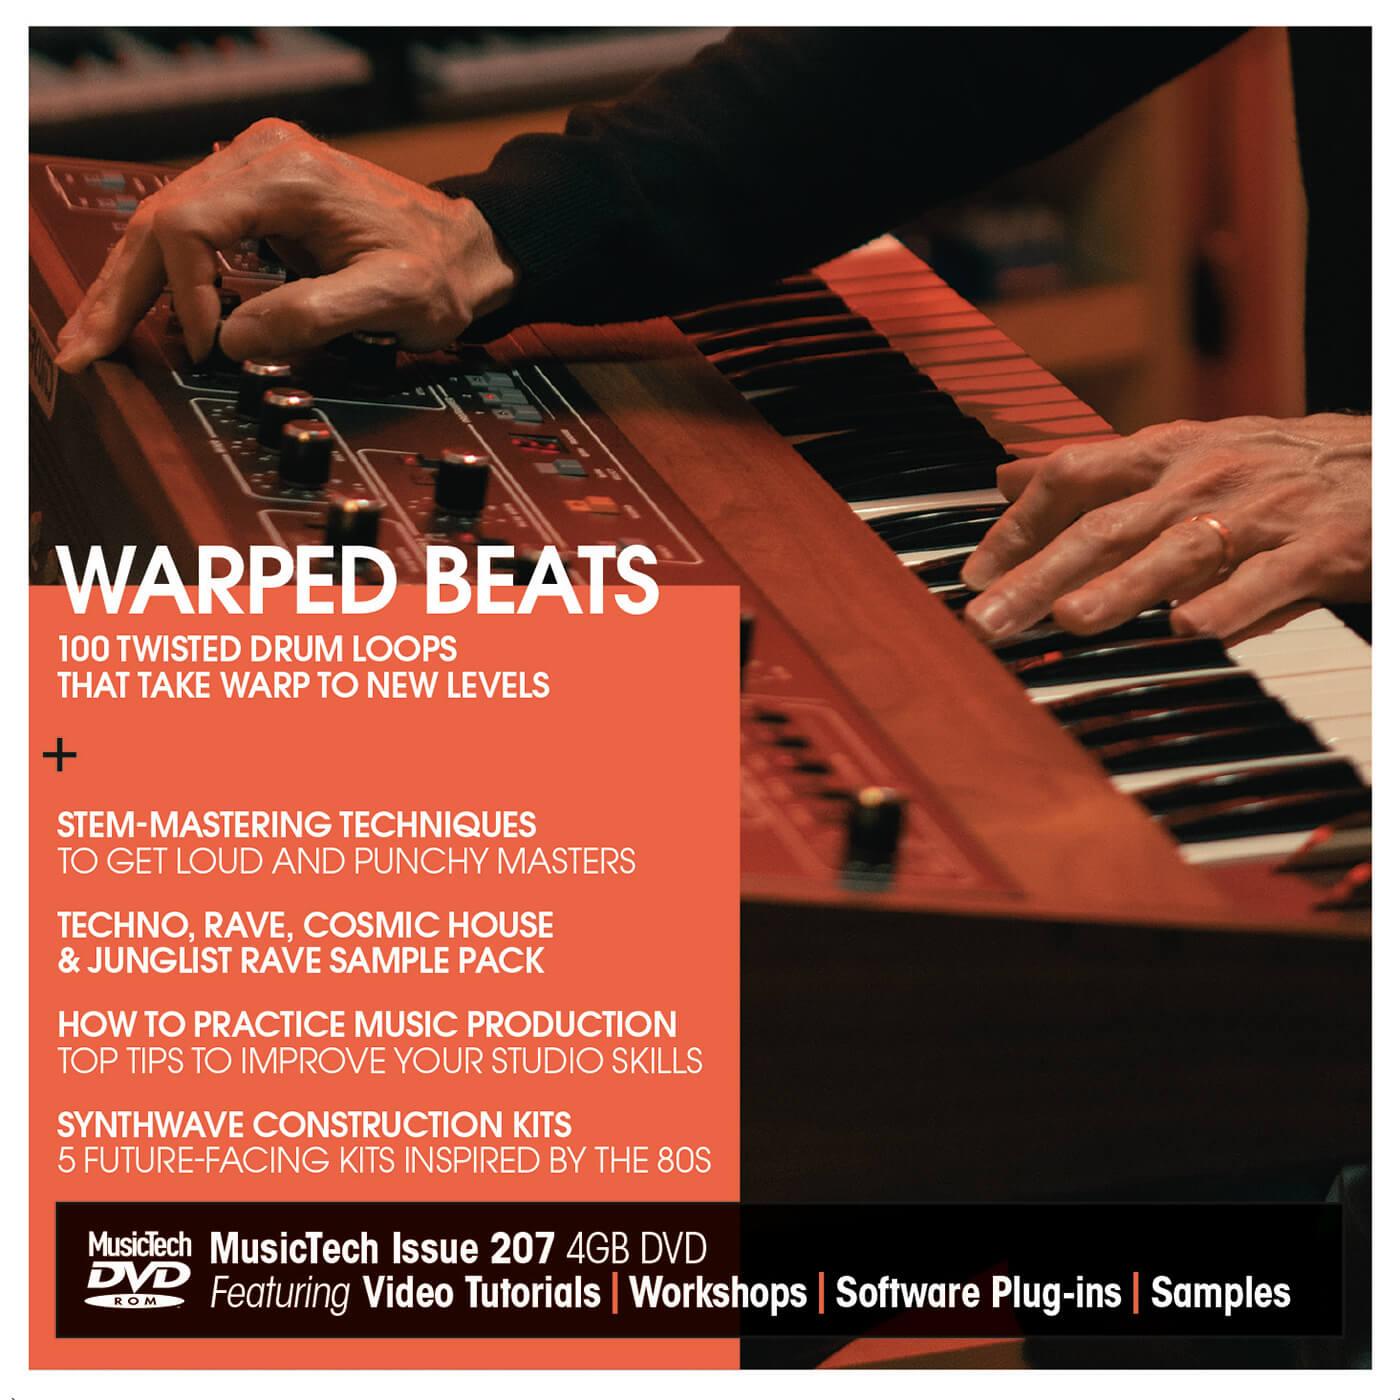 MusicTech issue 207 DVD